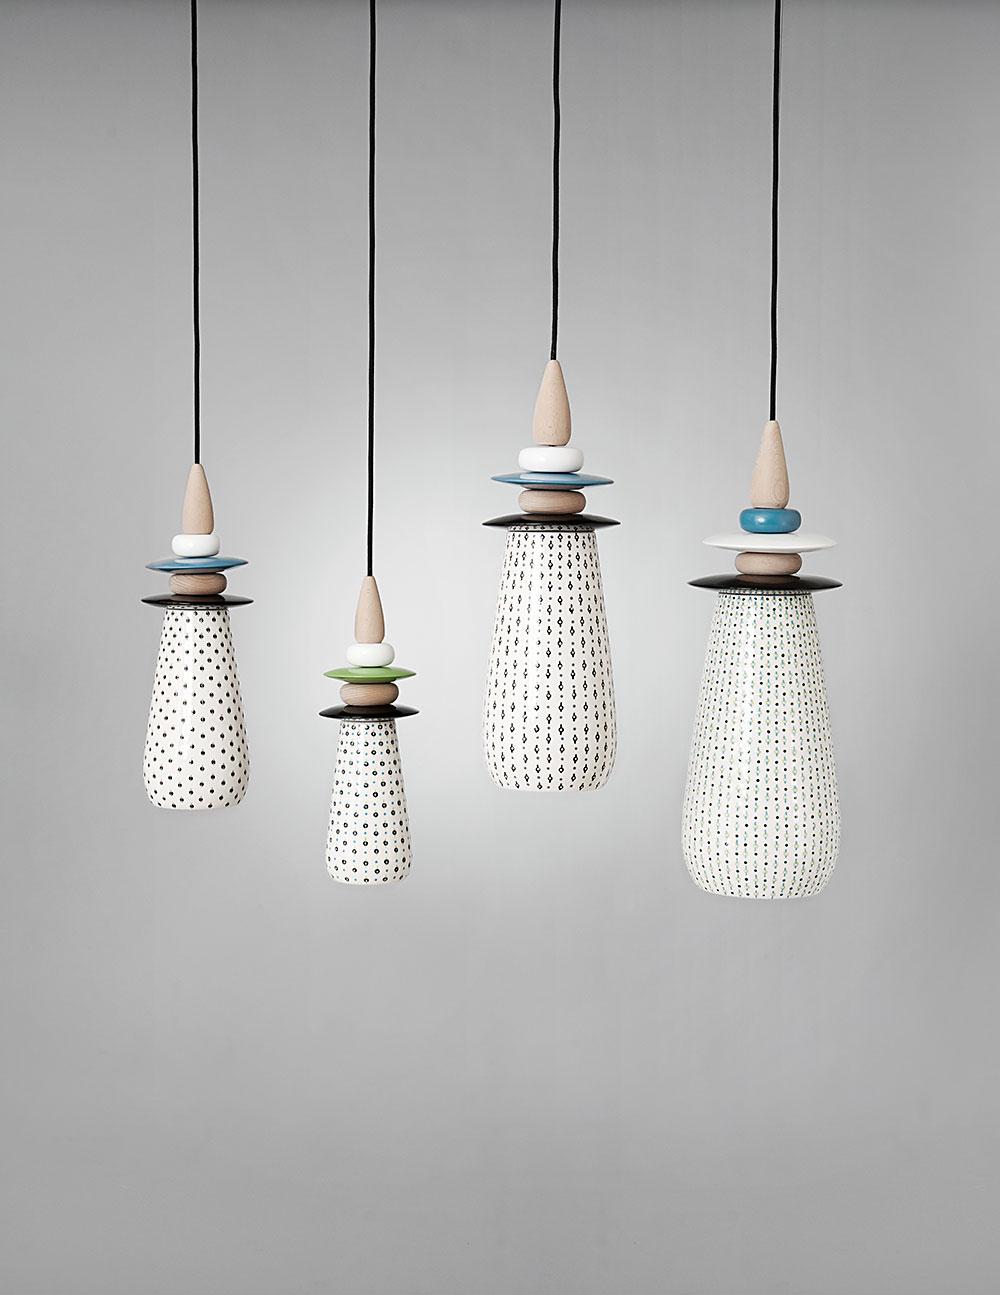 המנורות הלבנוות